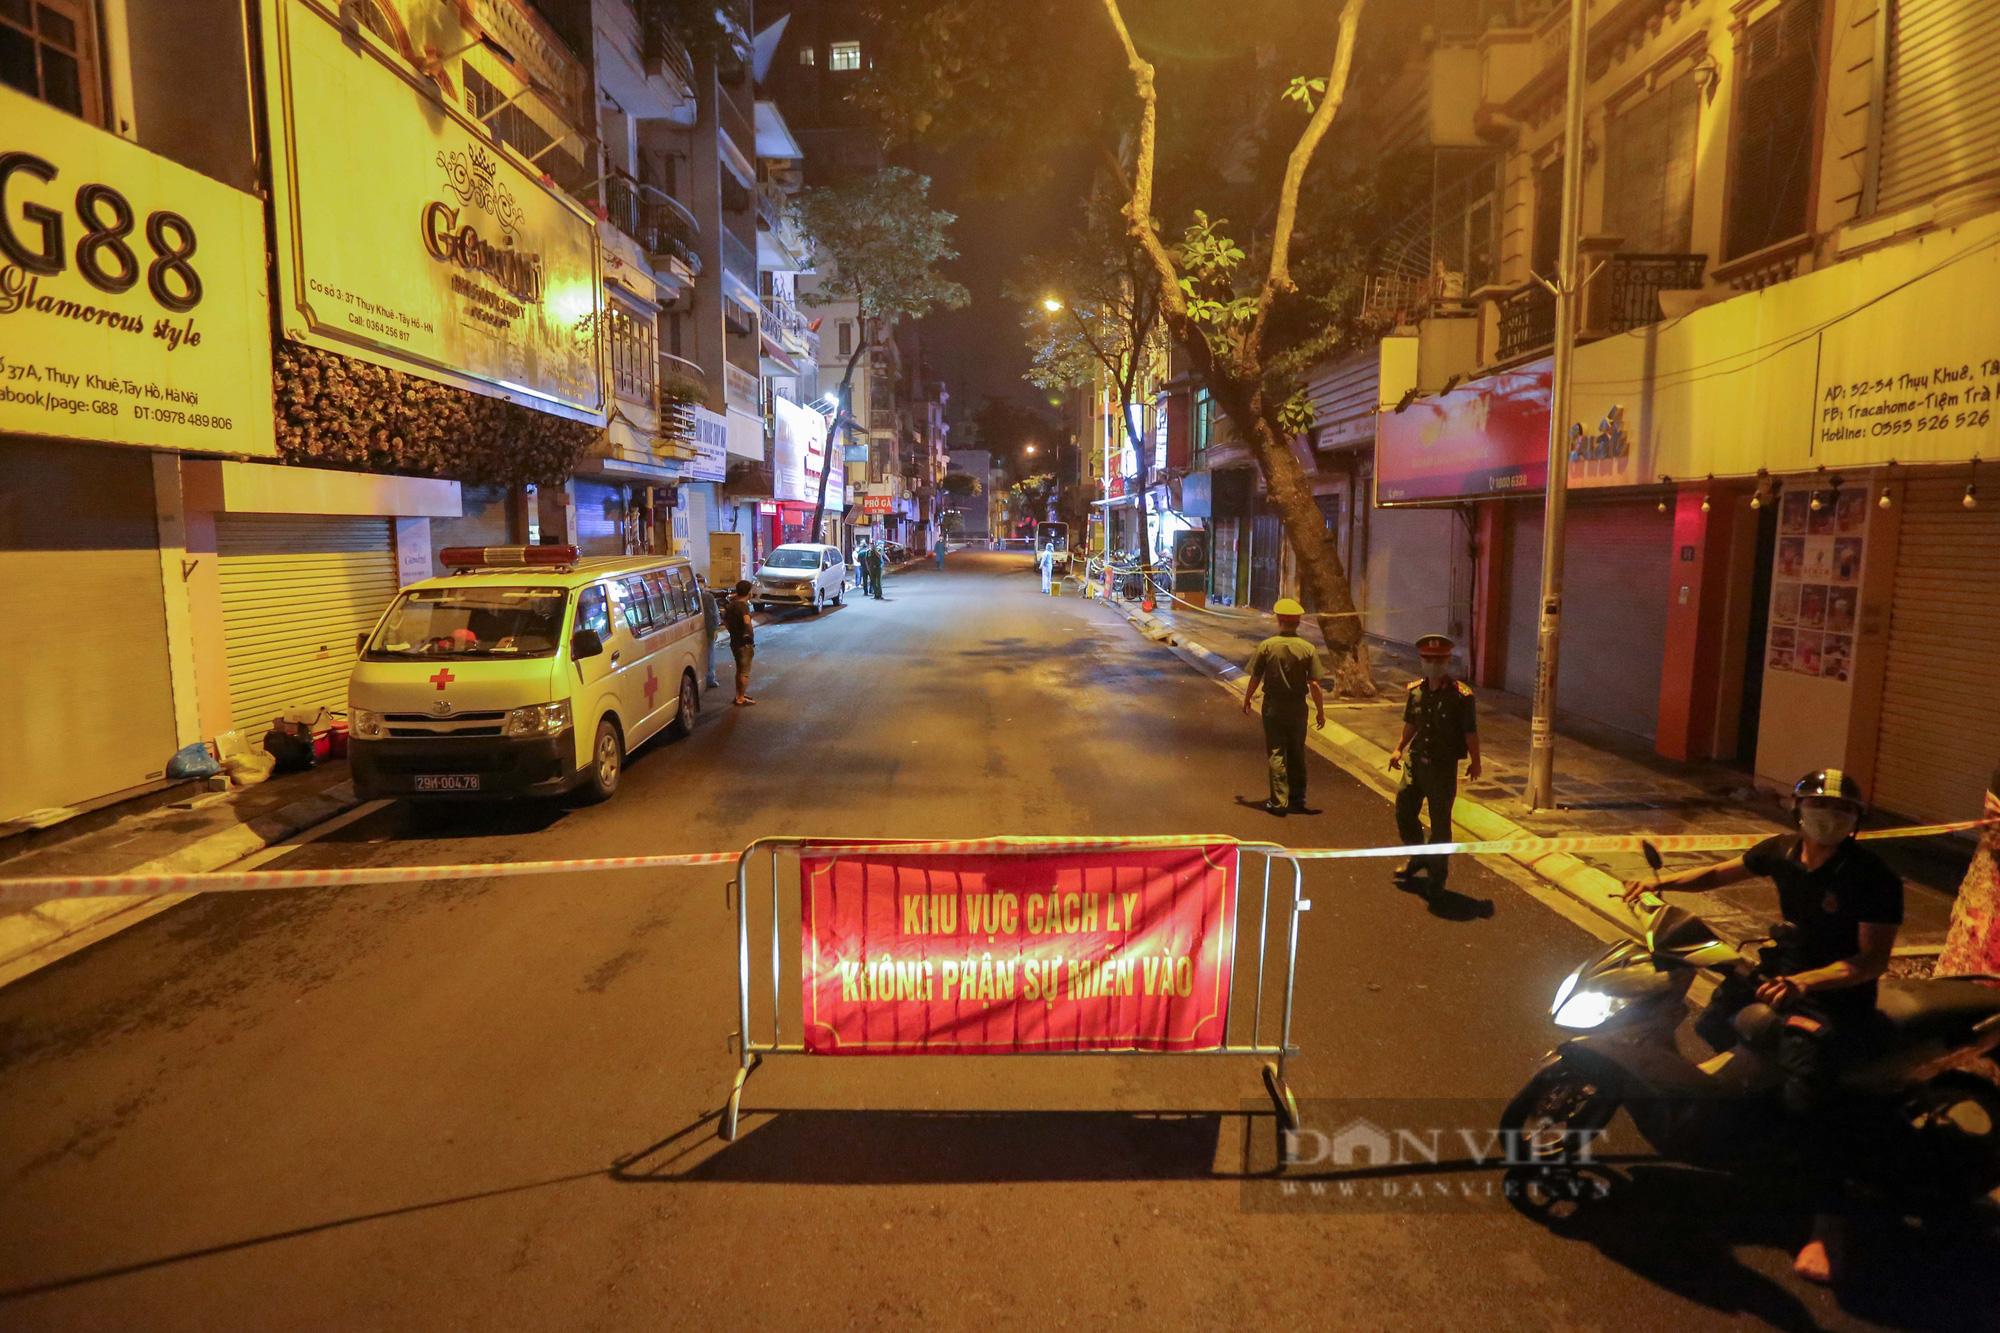 Xuyên đêm xét nghiệm cho hàng chục hộ dân trên phố Thuỵ Khuê - Ảnh 1.